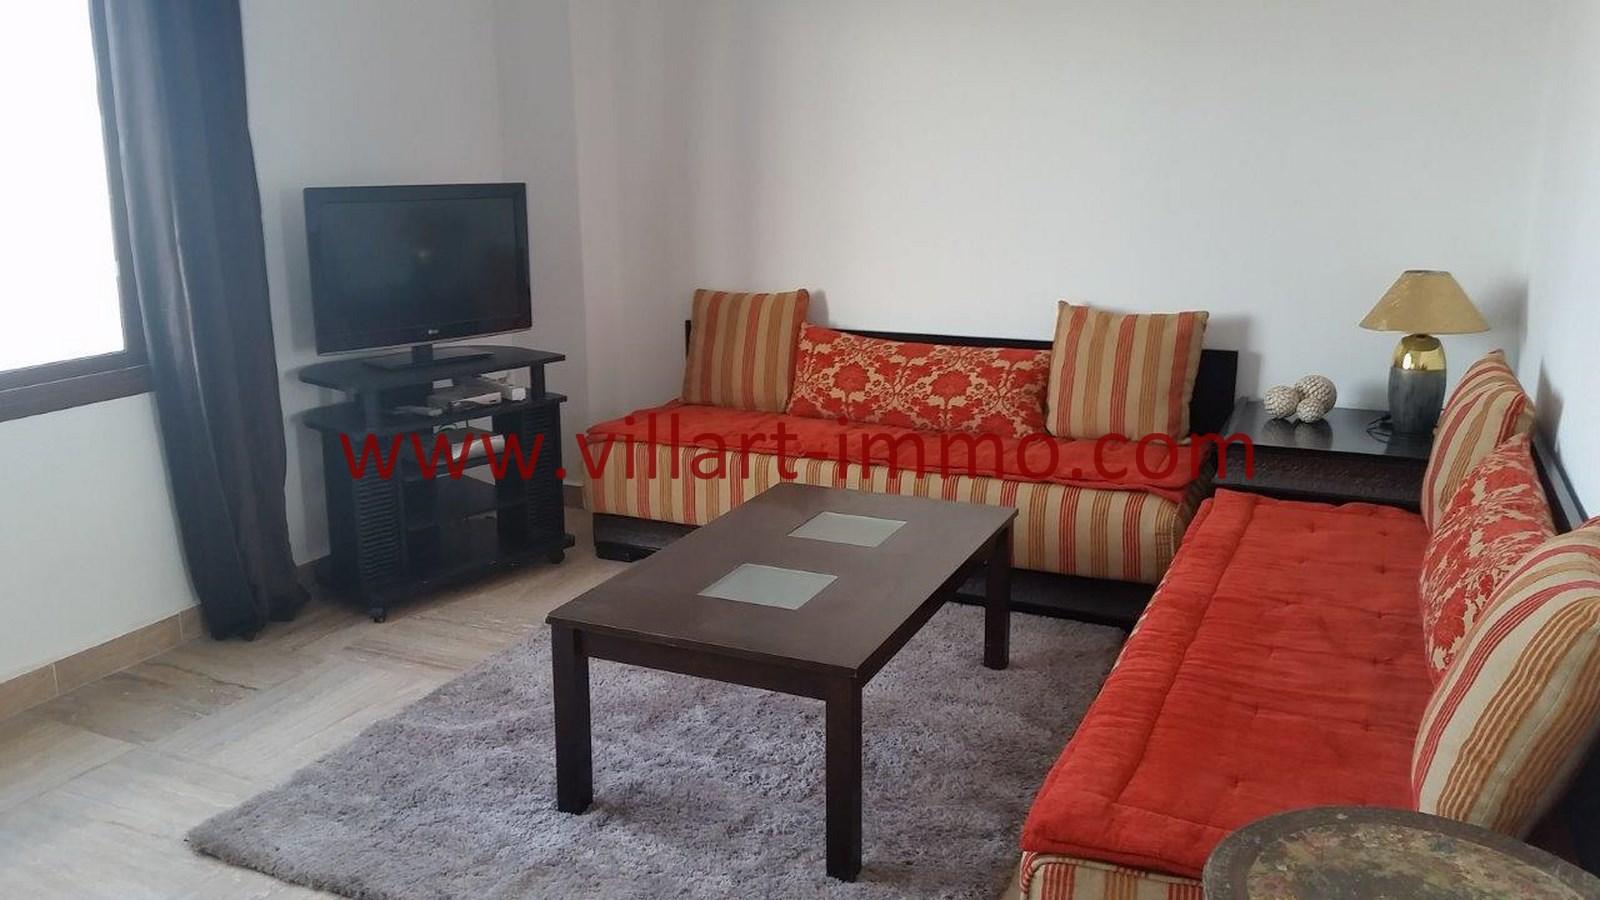 3-location-appartement-meuble-centre-ville-tanger-salon-2-l909-villart-immo